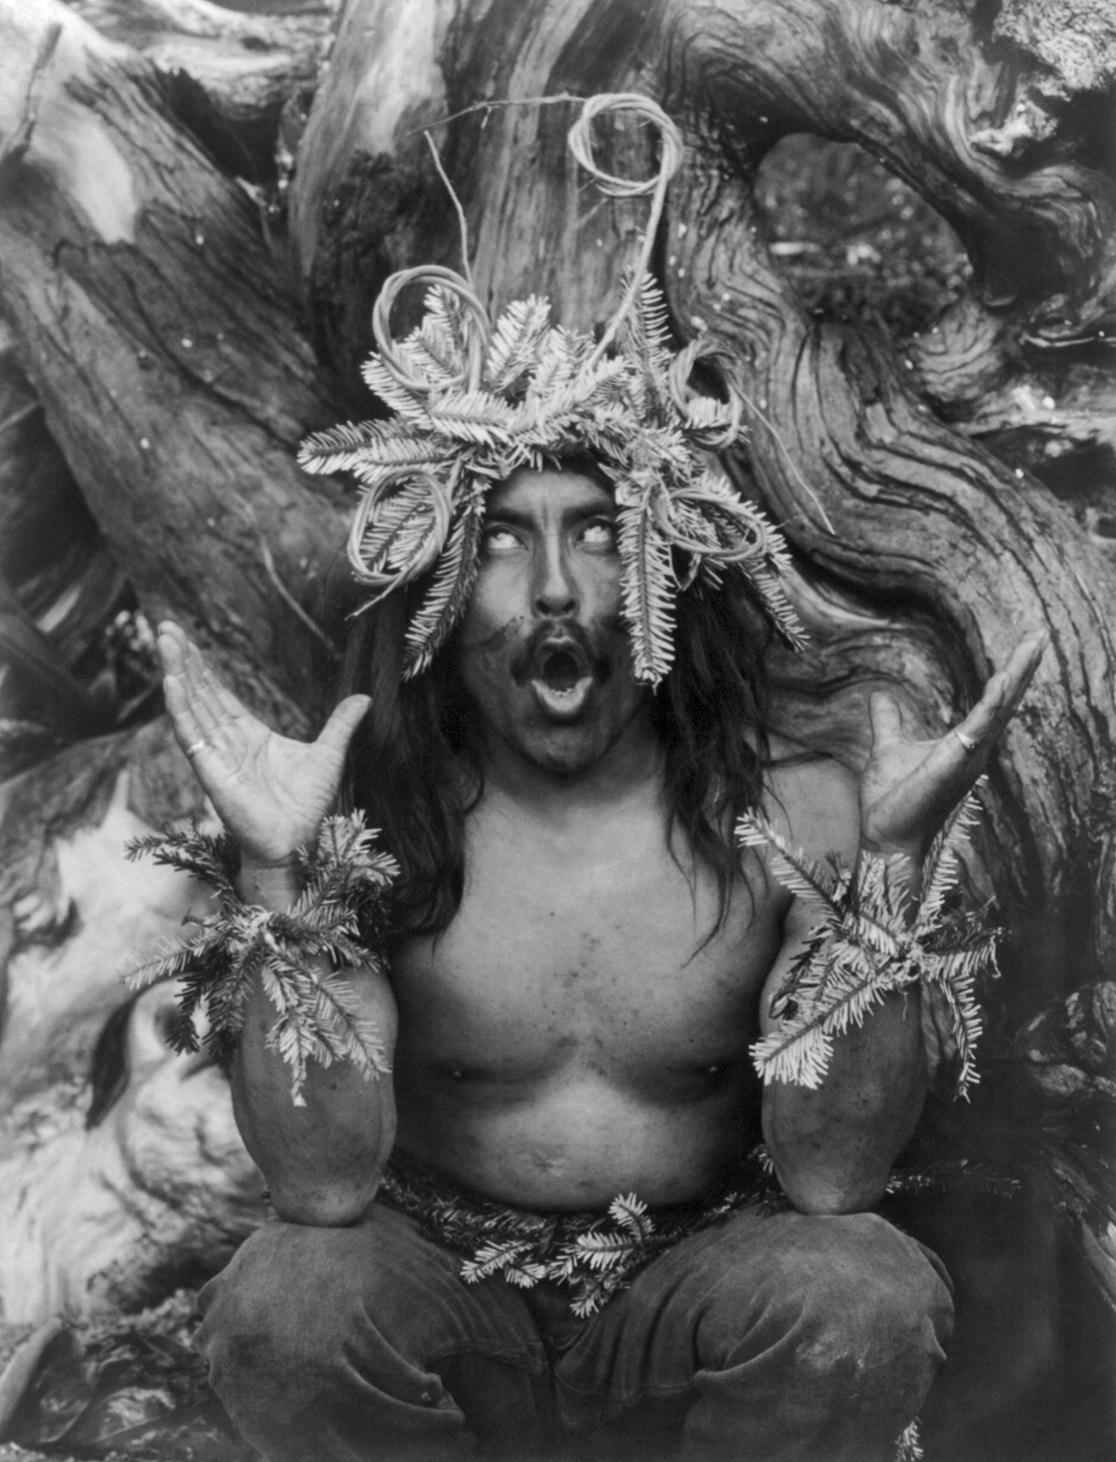 Lo sciamano invece invoca tendenzialmente, cioè si lascia possedere dai propri spiriti guida o dagli antenati o da una divinità